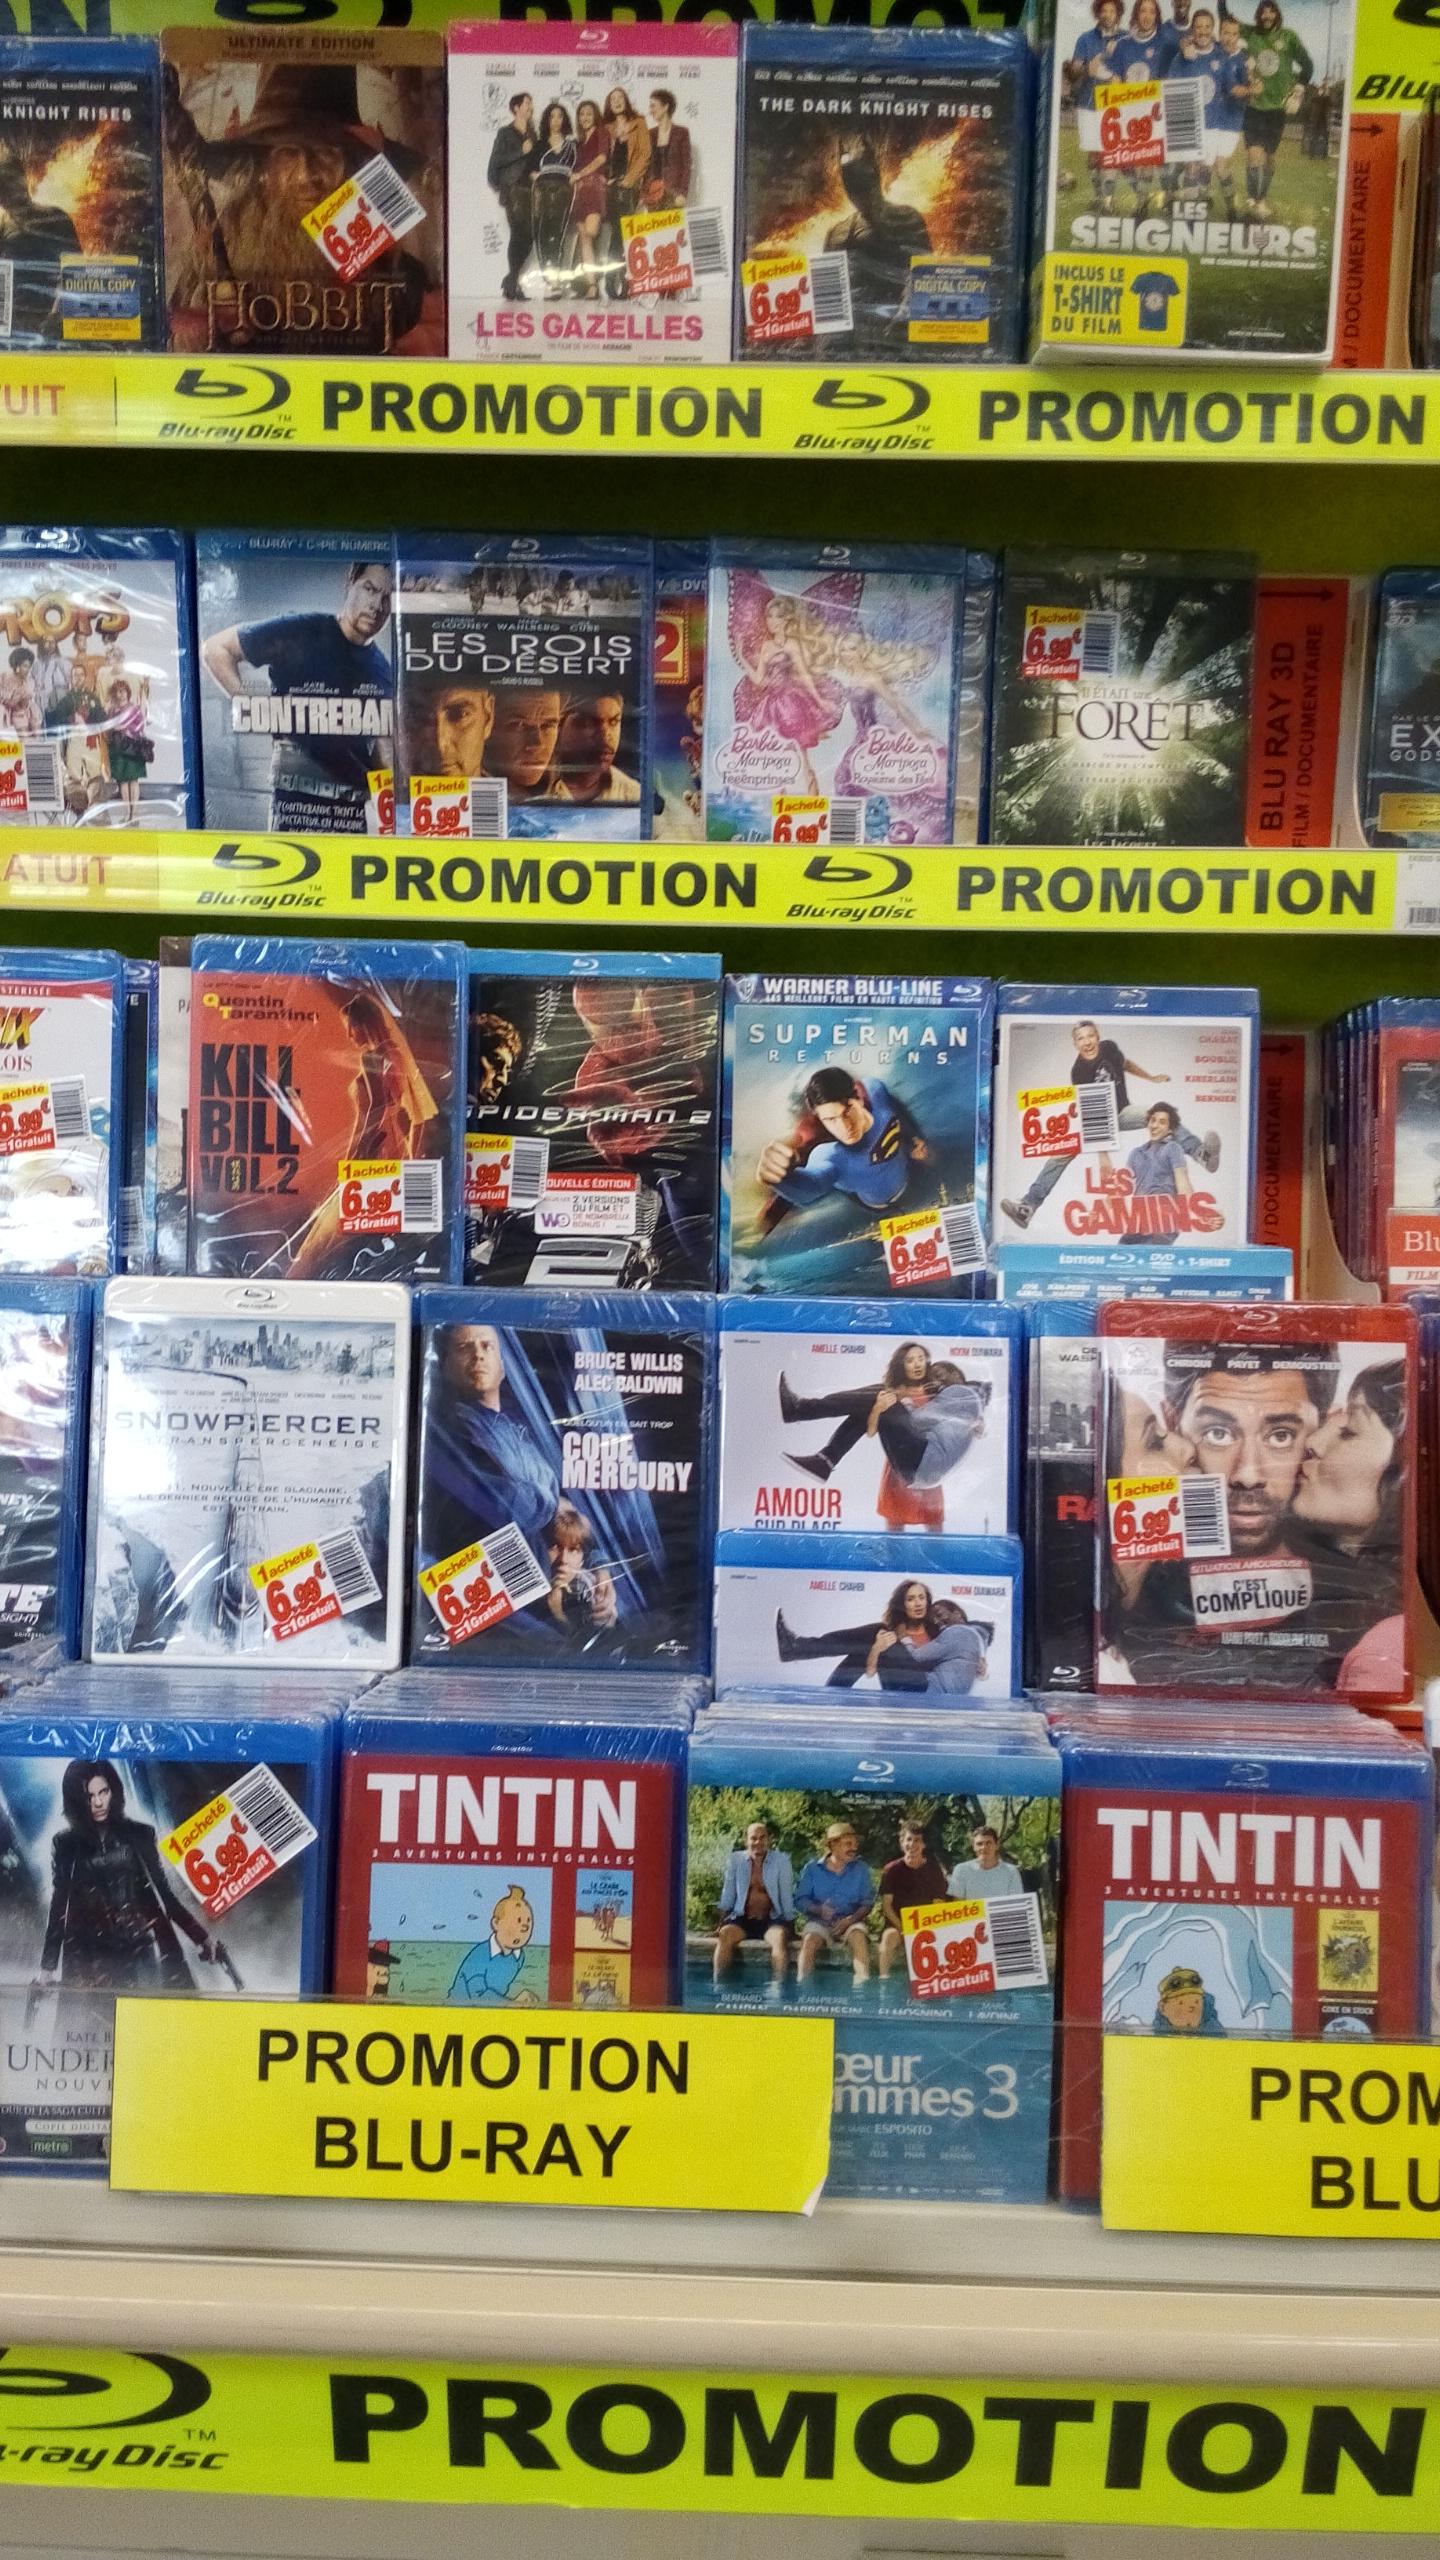 1 Blu-ray acheté  = 1 offert, soit les deux